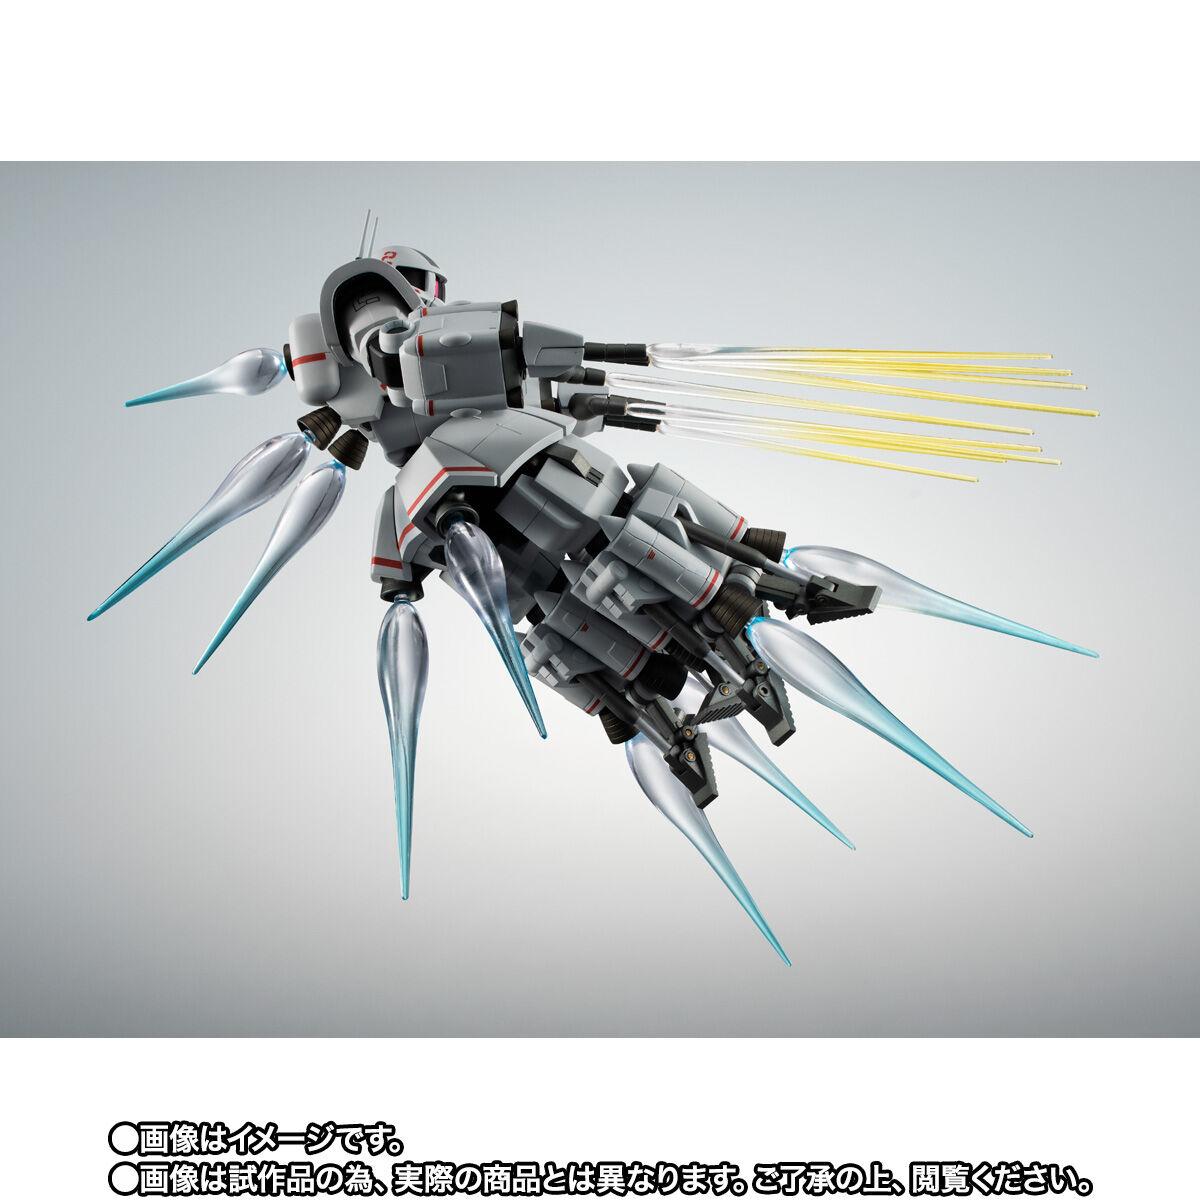 【限定販売】ROBOT魂〈SIDE MS〉『MSN-01 高速機動型ザク ver. A.N.I.M.E.』ガンダムMSV 可動フィギュア-005